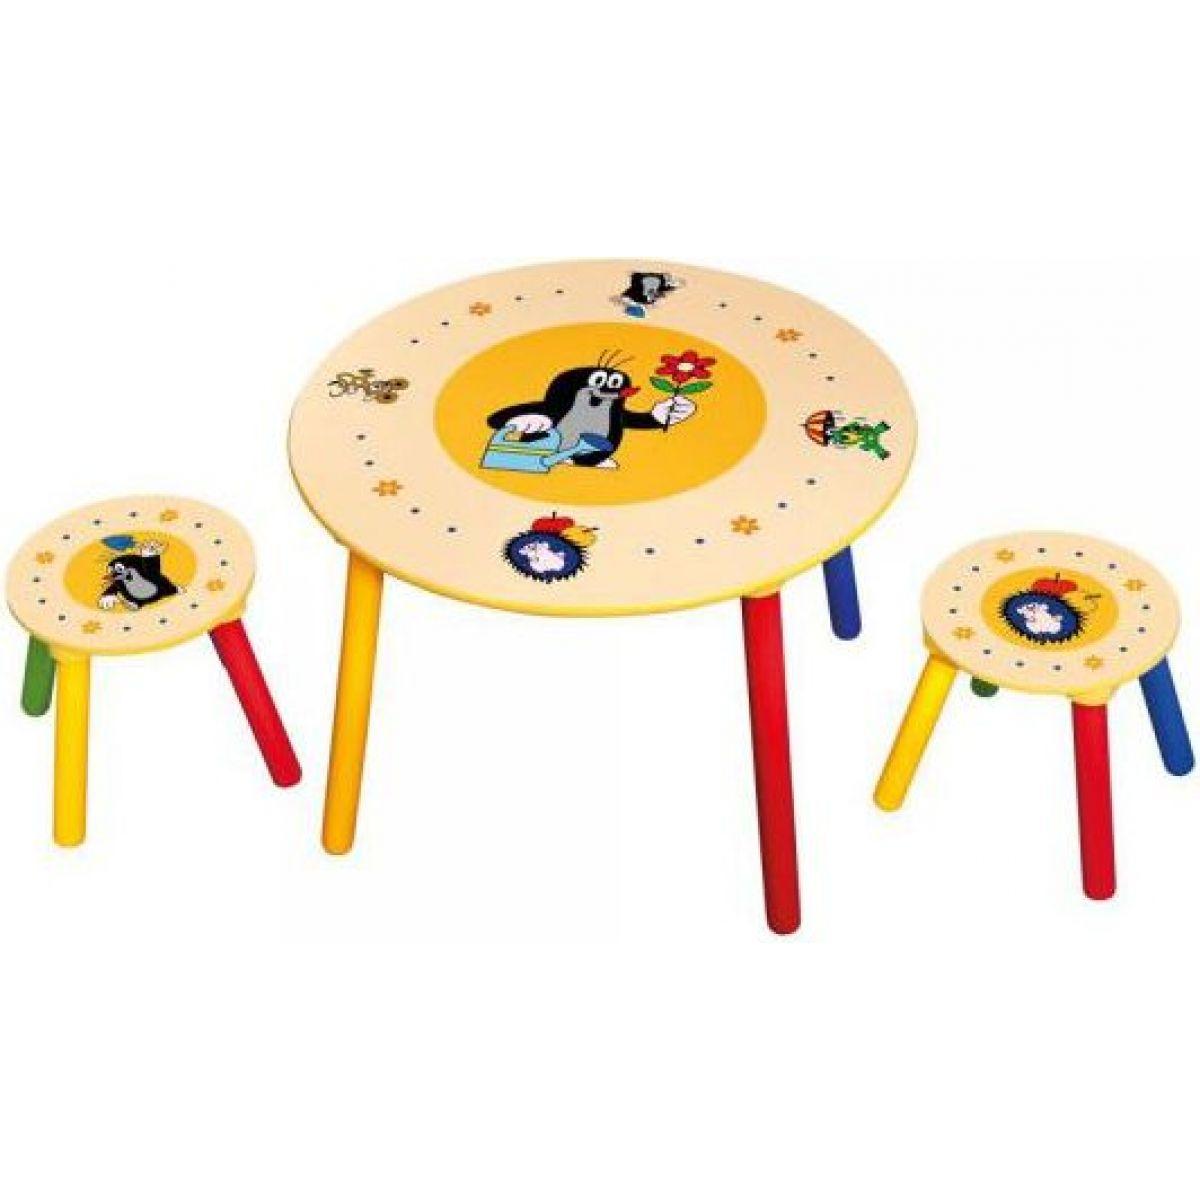 Bino Krteček Dětský stolek a 2 sedátka - Poškozený obal